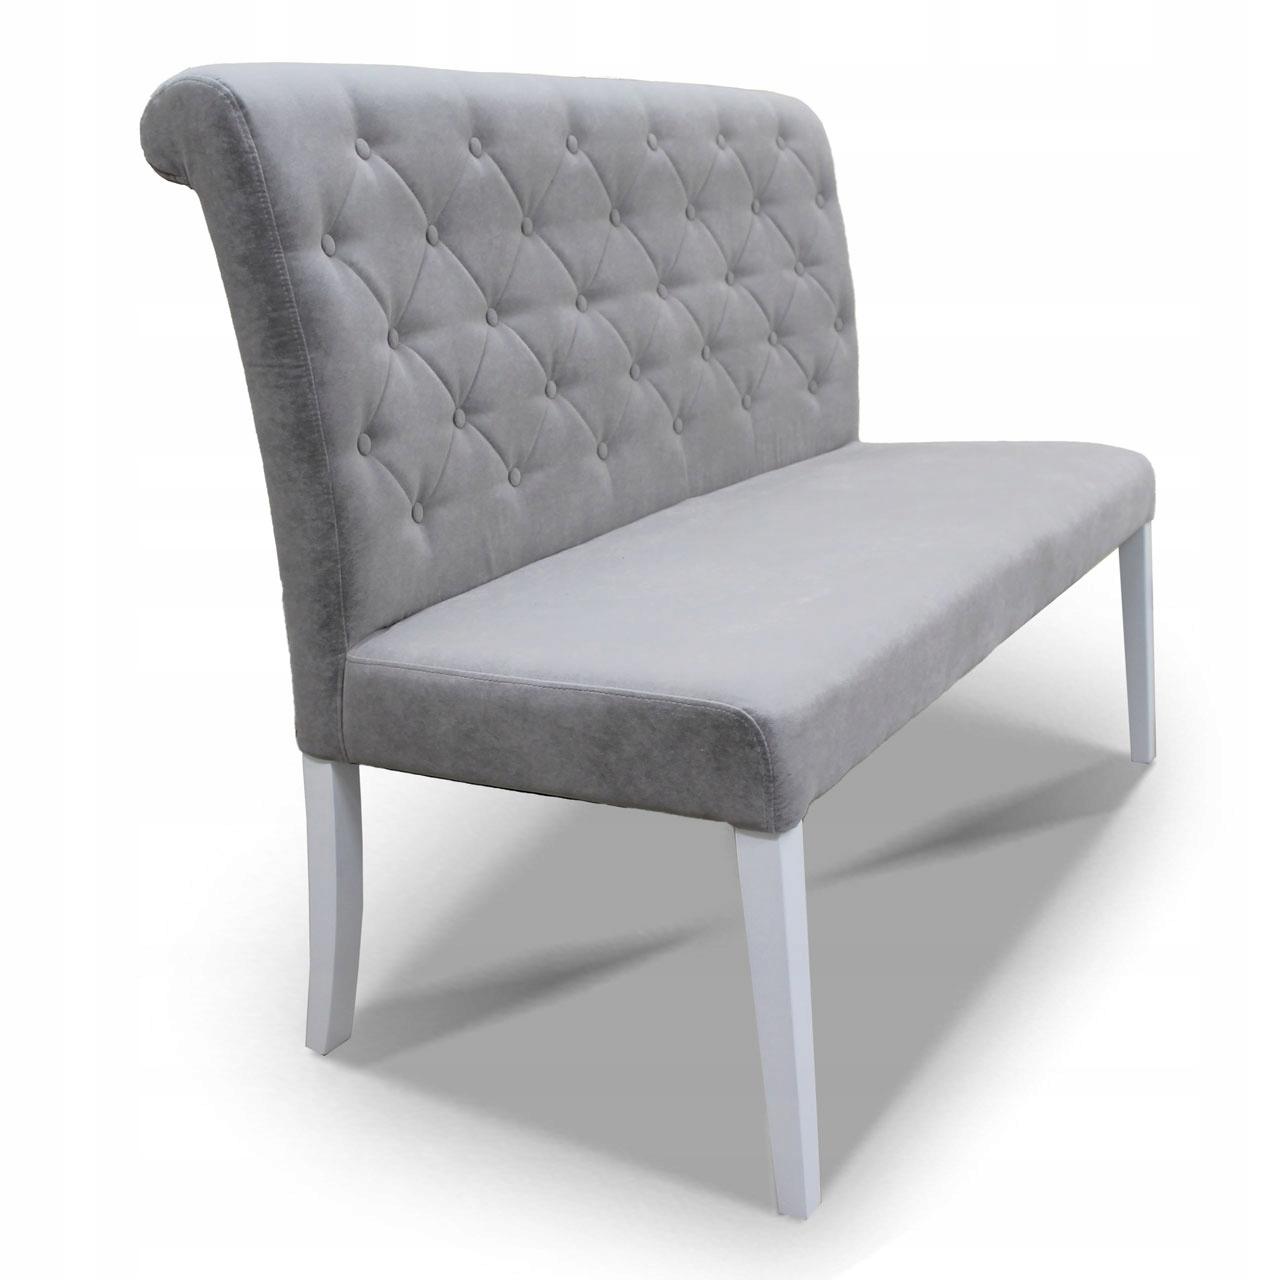 pohovka, gauč lavičke úzke prešívaný hriadeľa výška. 98